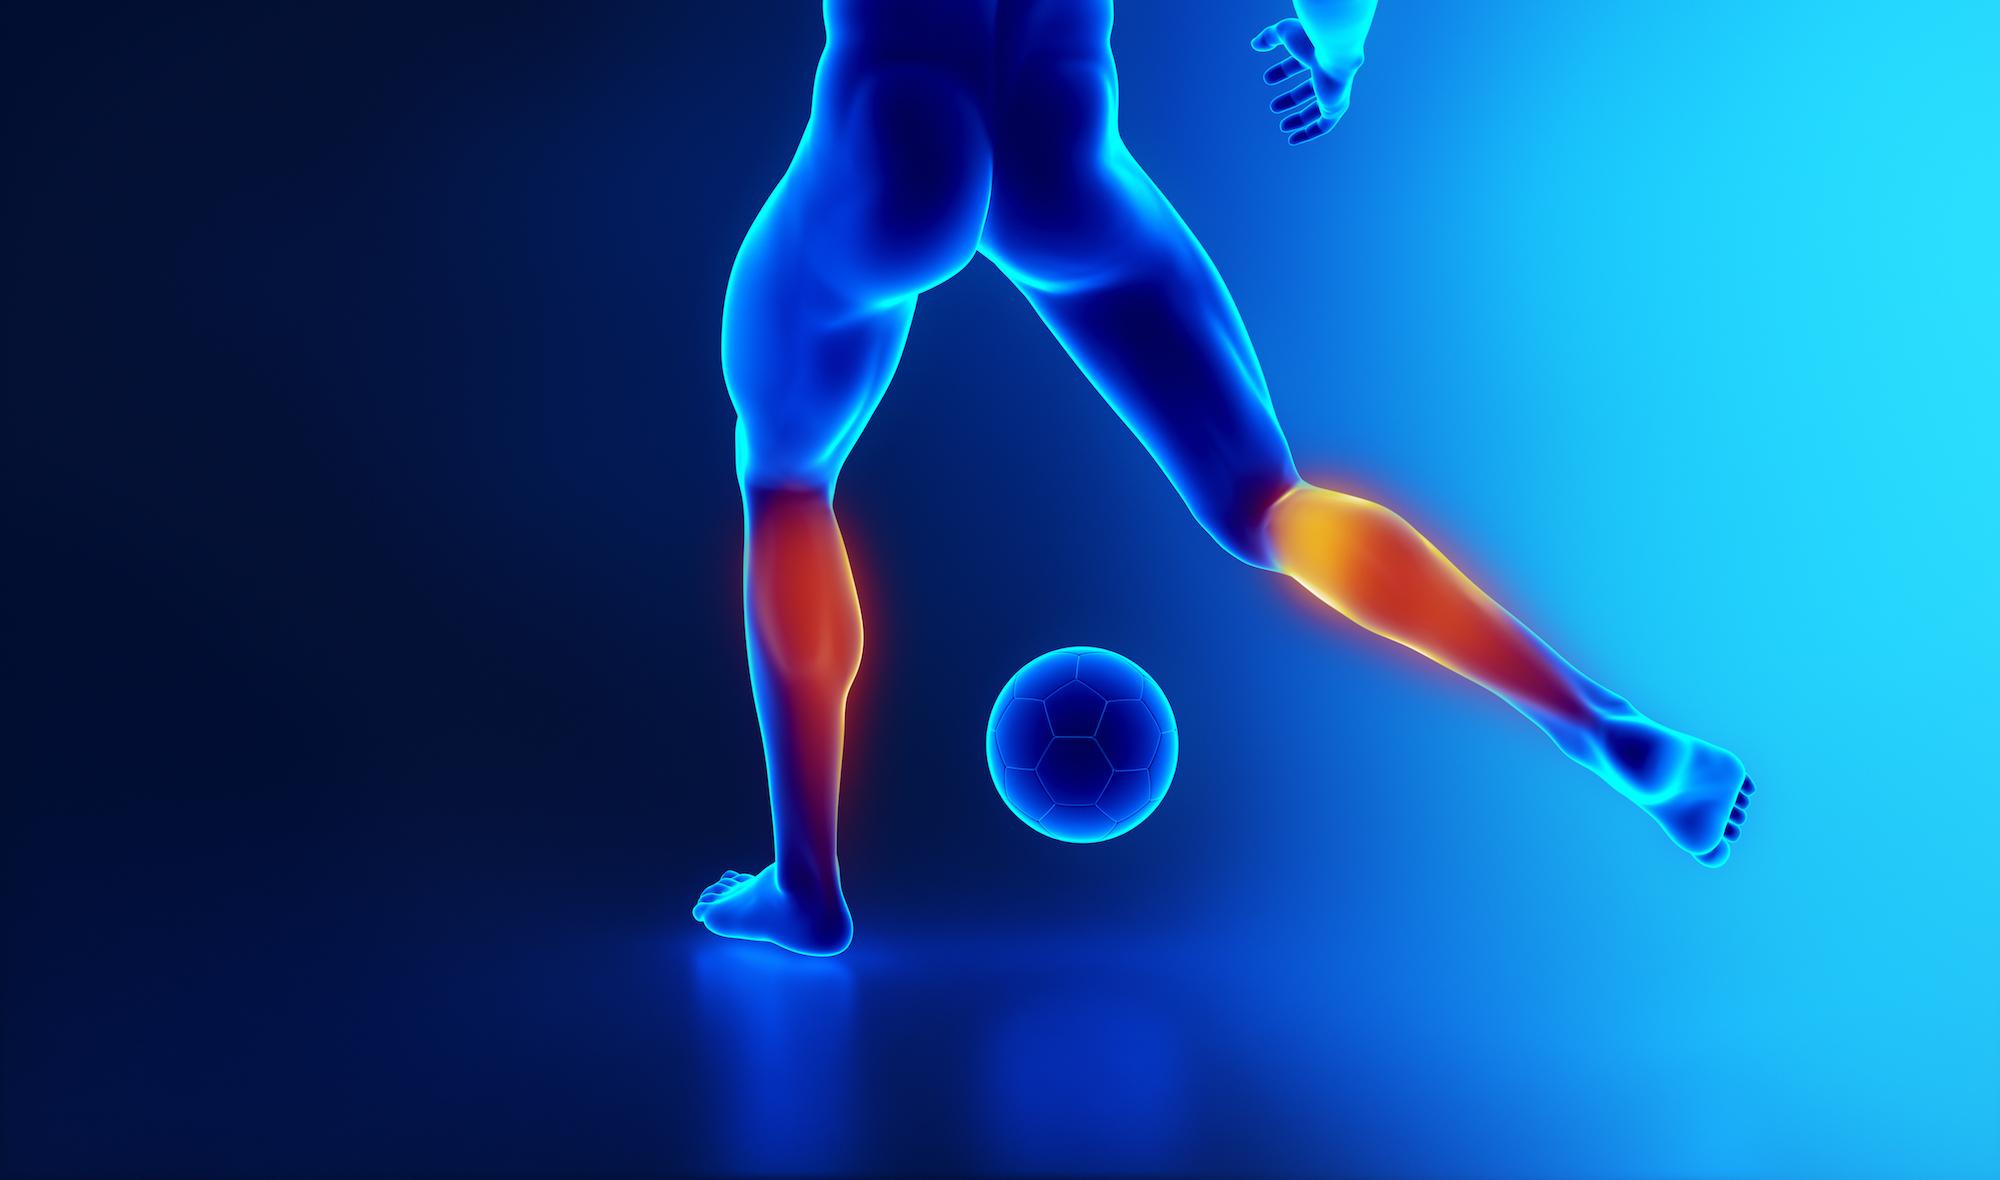 【膝に痛みや違和感があるときに】この筋肉をほぐしてみよう【第五弾 下腿三頭筋】